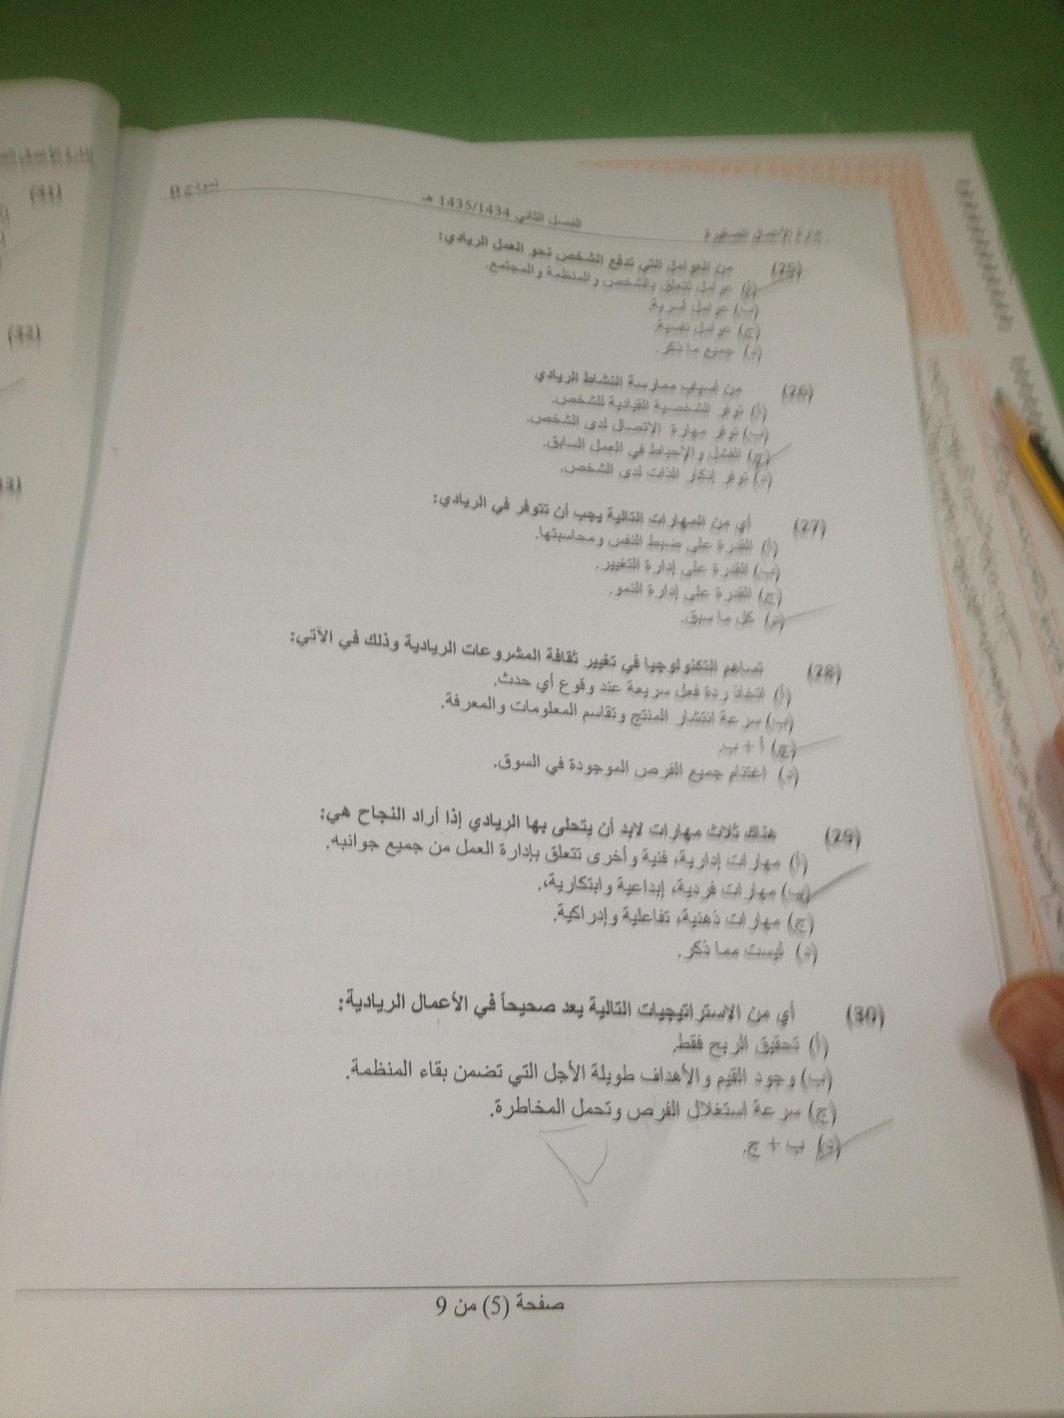 كتاب بعنوان : إدارة المشروعات